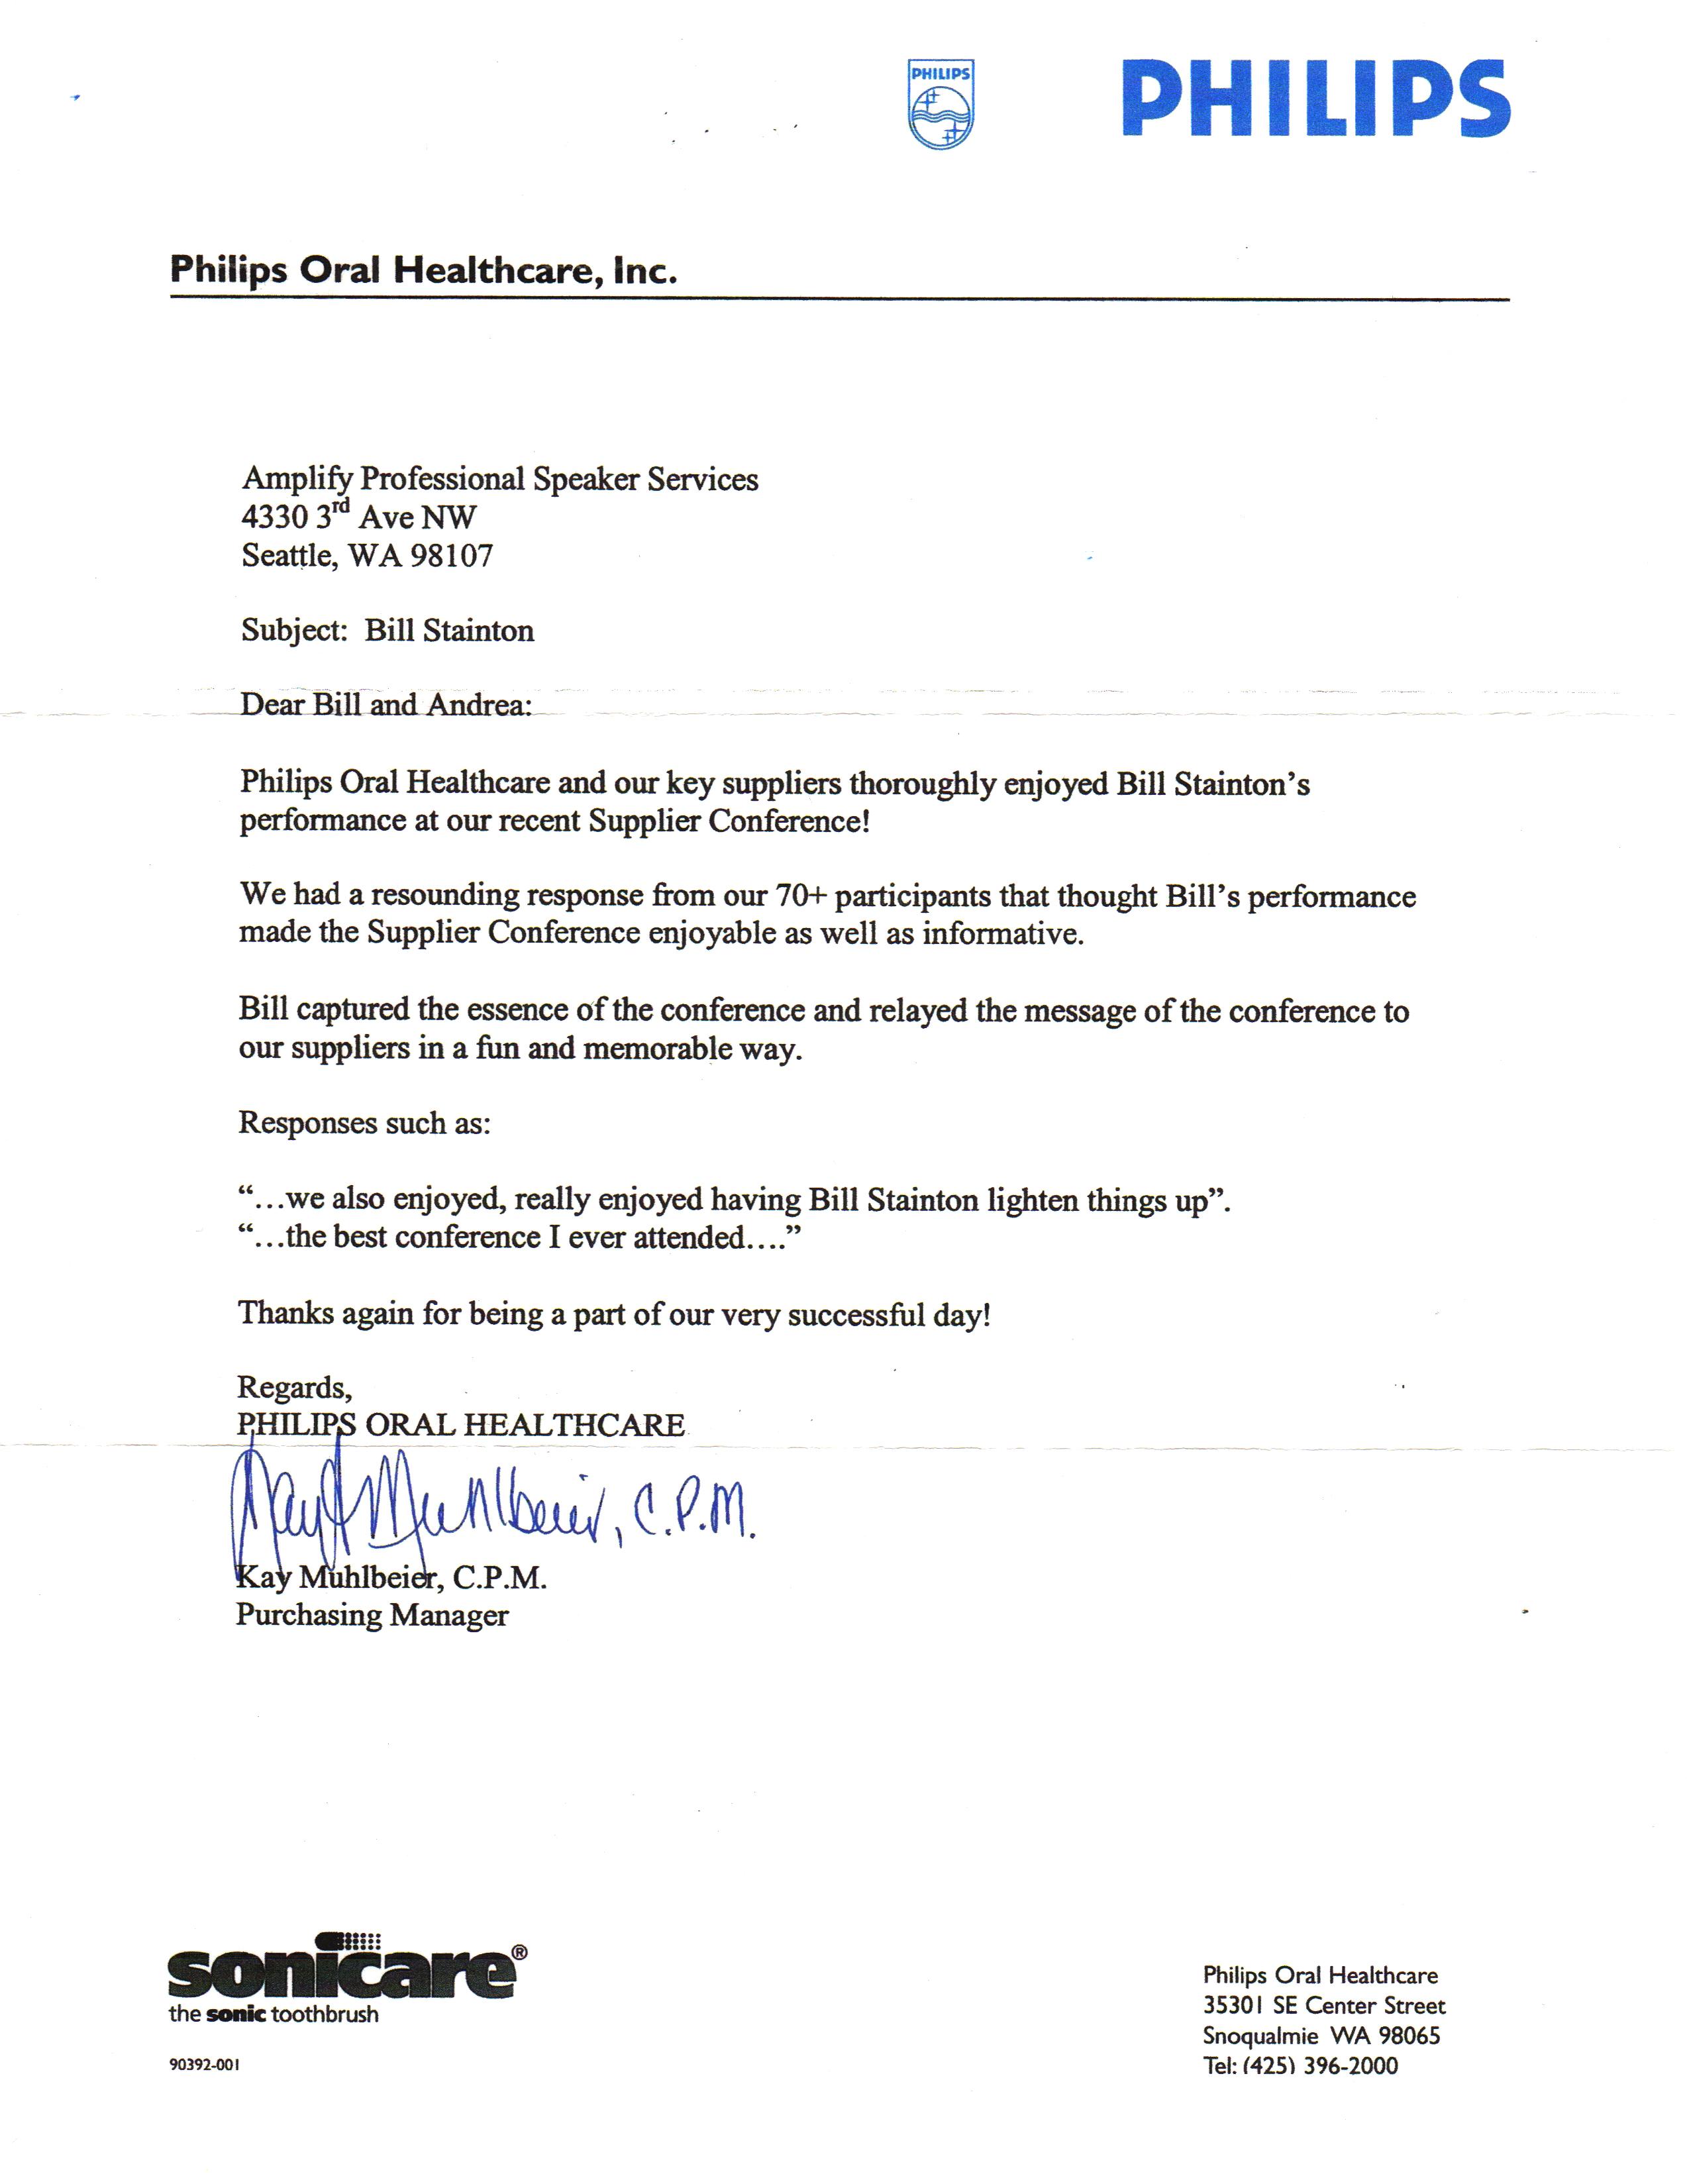 philips testimonial letter